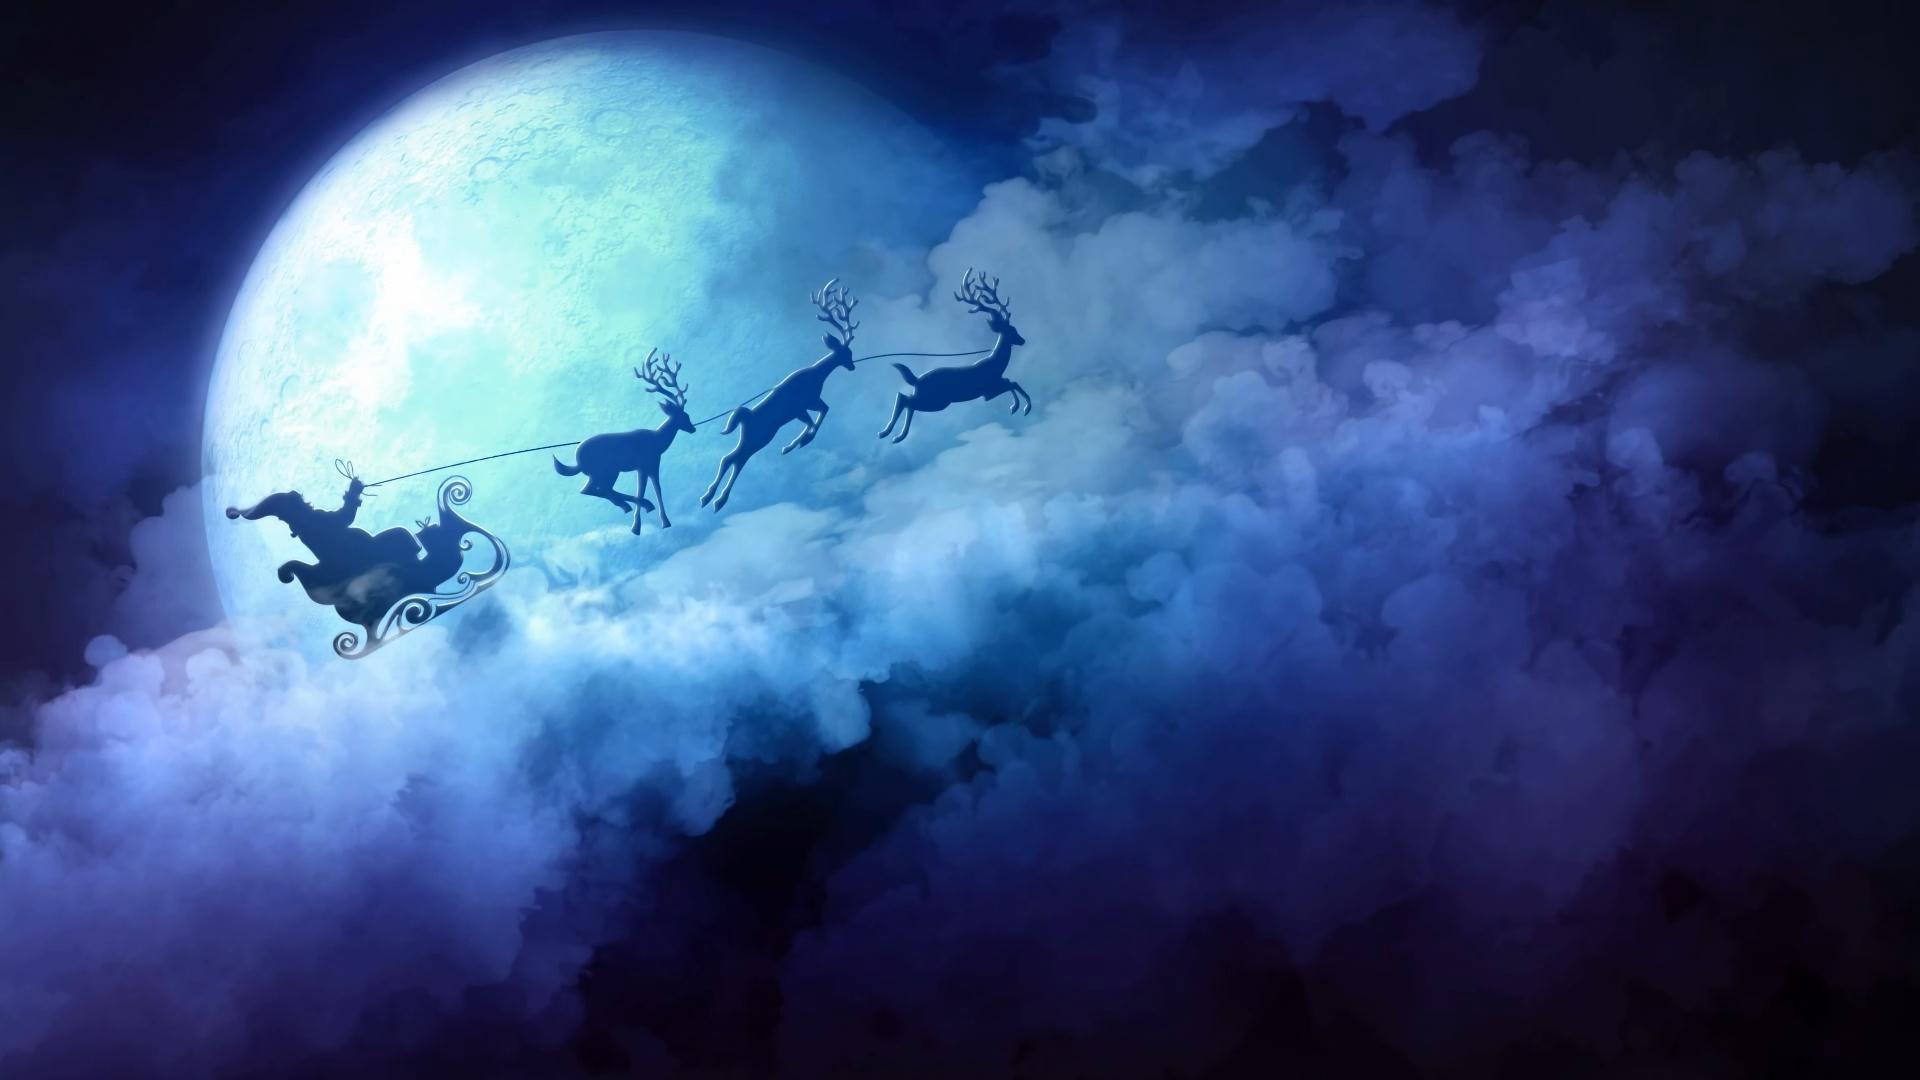 animated christmas wallpaper (35)